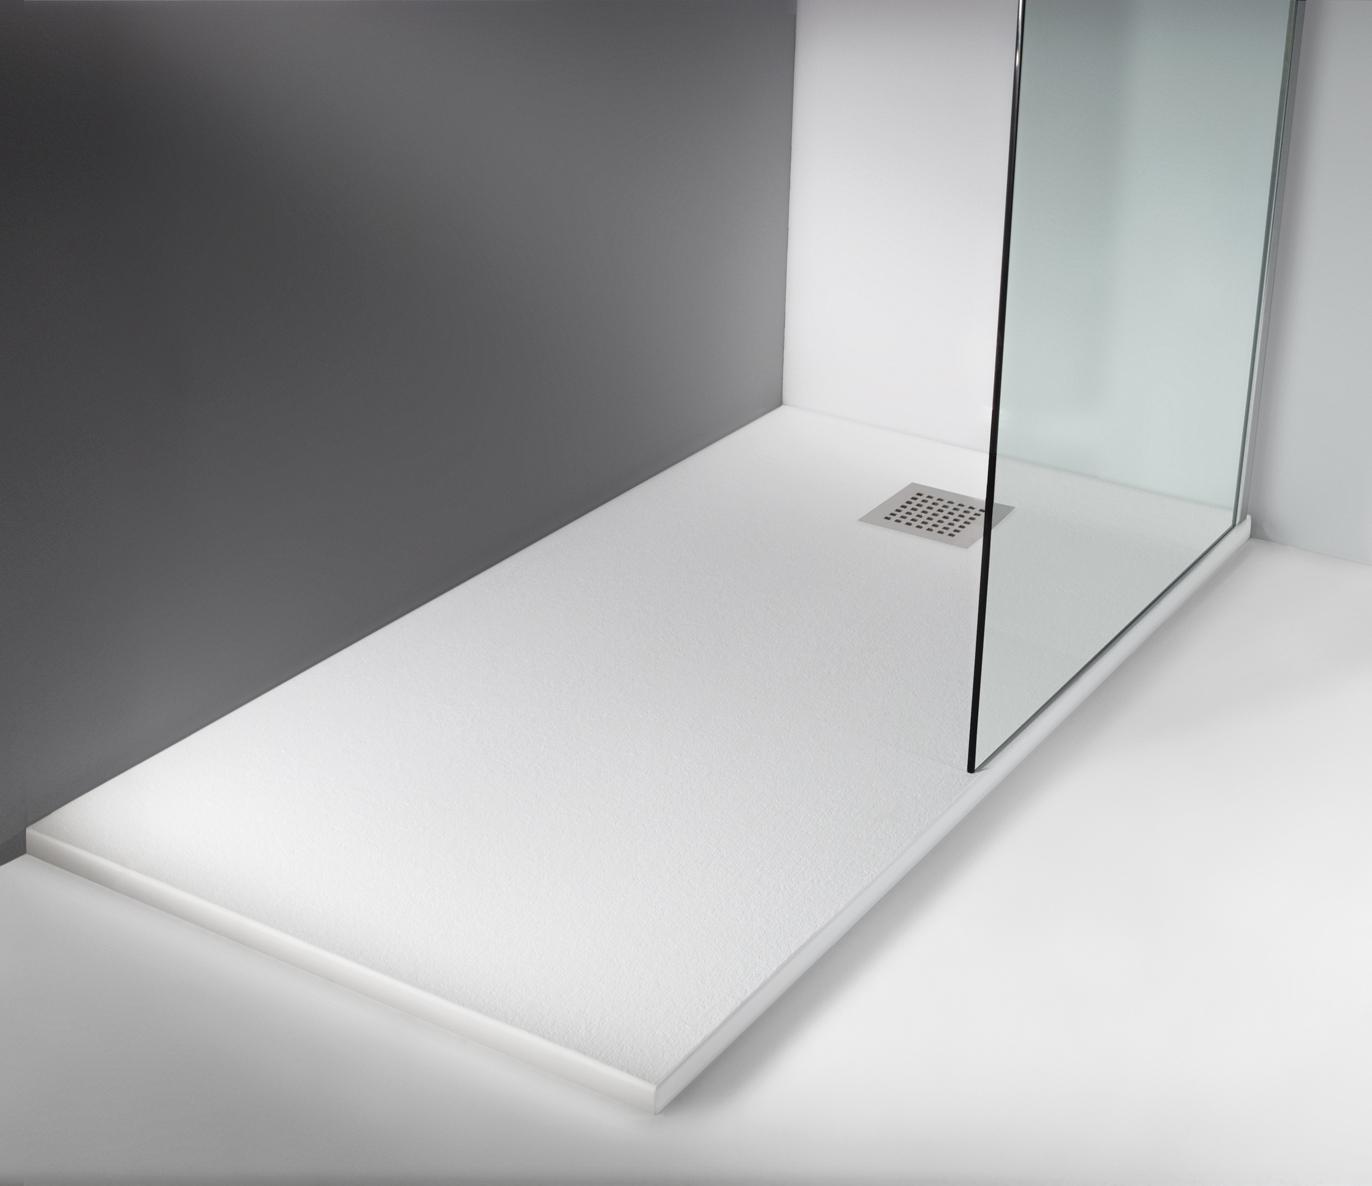 Platos de ducha antideslizantes c mo elegir el adecuado construcci n de viviendas y reformas - Como cambiar plato de ducha ...